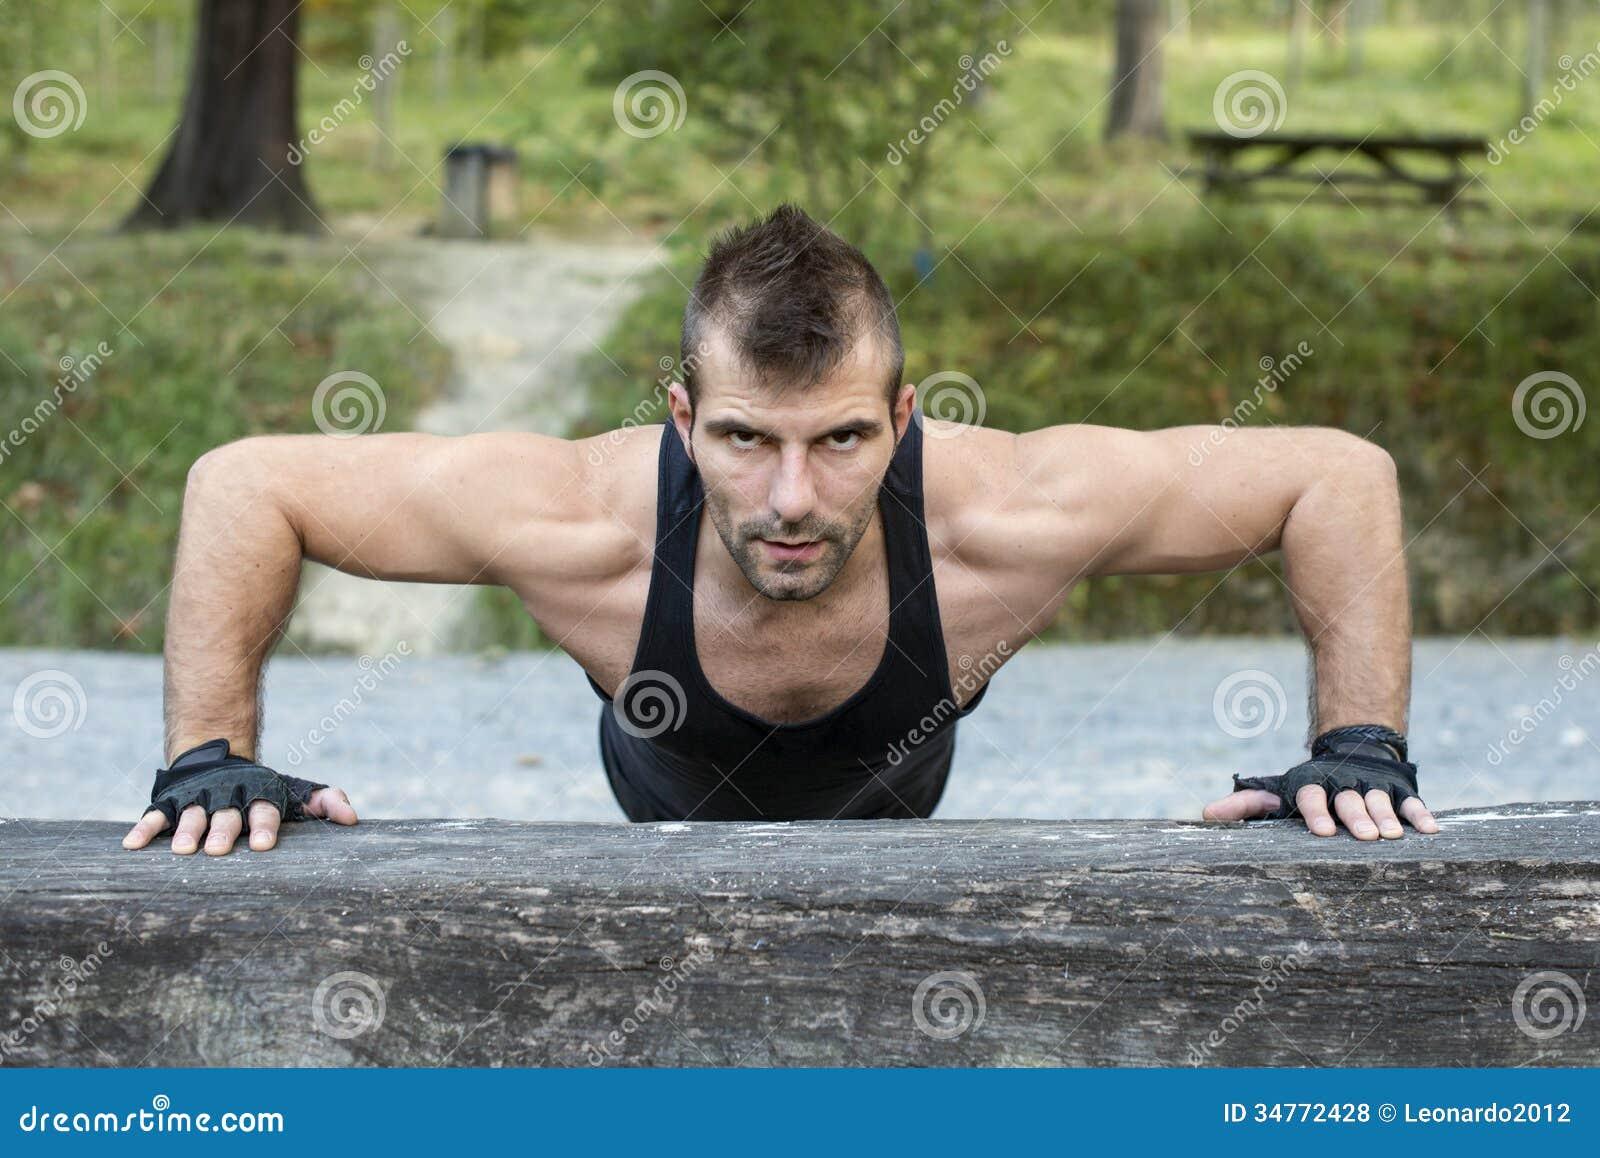 Homem que faz flexões de braço no log de madeira.